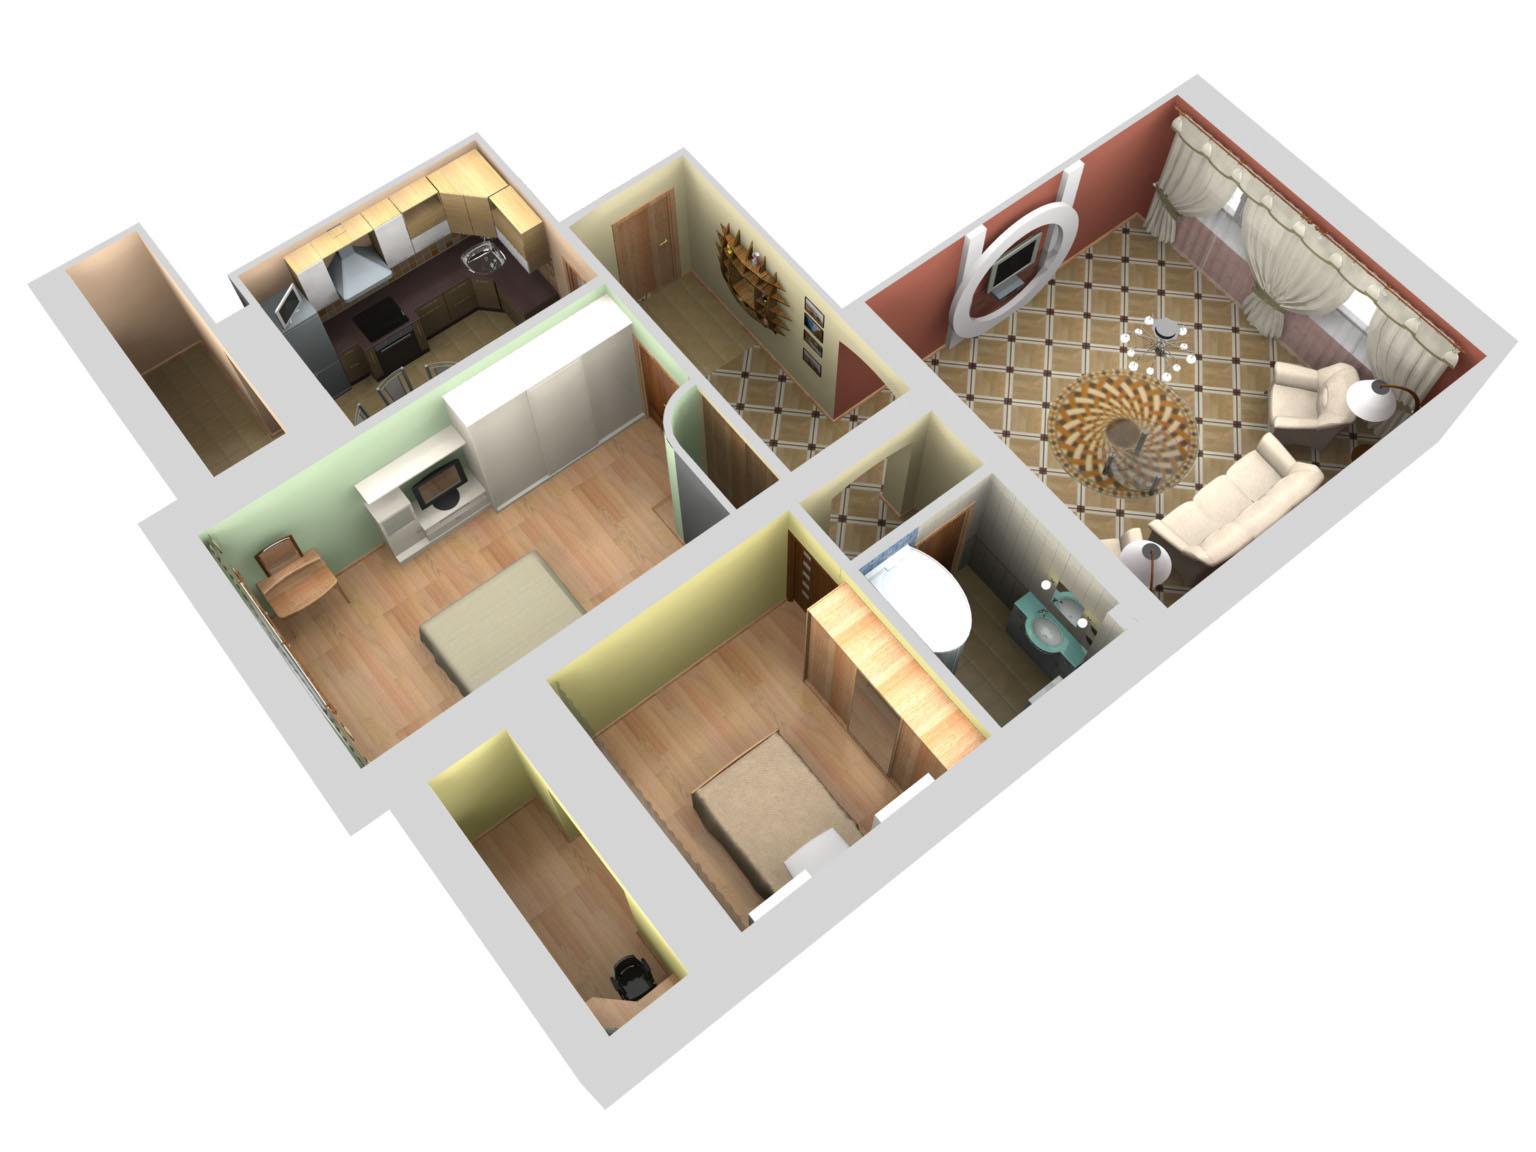 Планировка квартиры, делаем правильно.